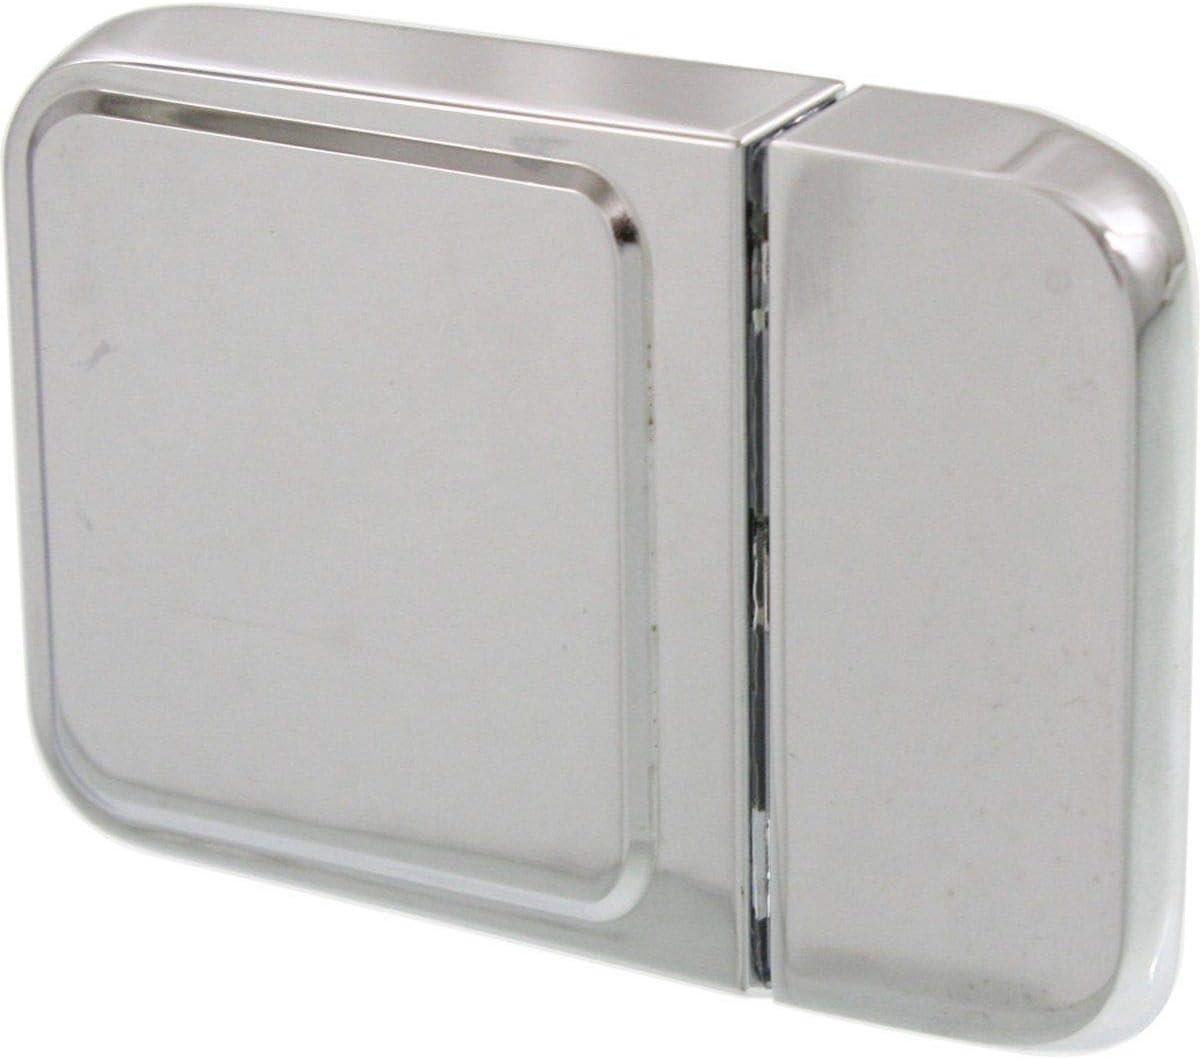 Exterior Door Handle For 90-2003 International 4900 4700 Front Chrome Metal